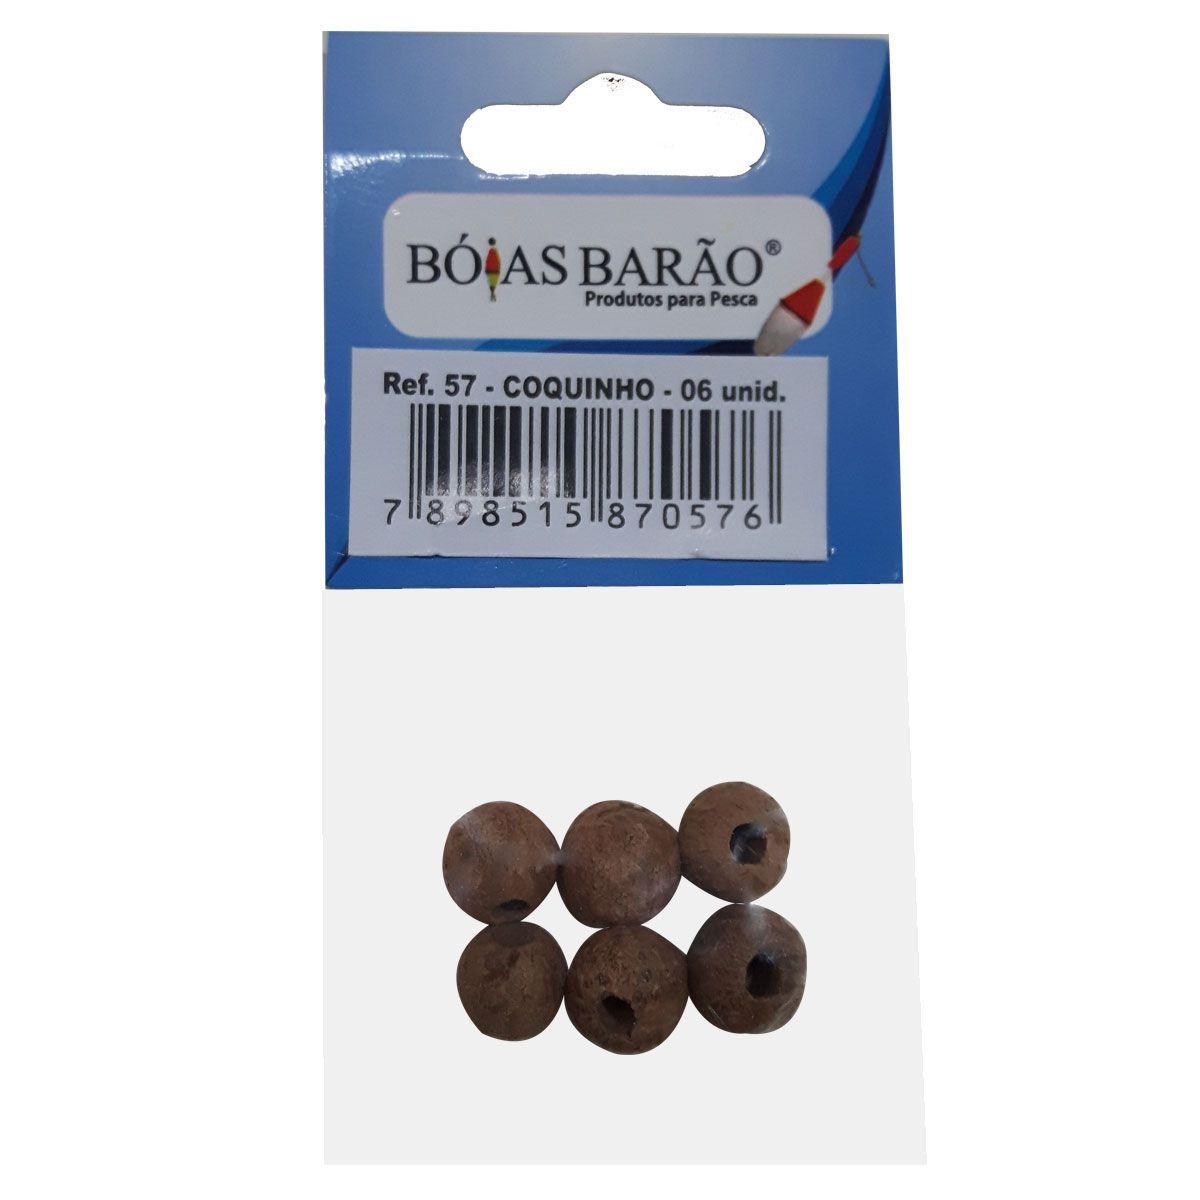 Miçanga Bóias Barão Coquinho Natural N57 6 Unidades